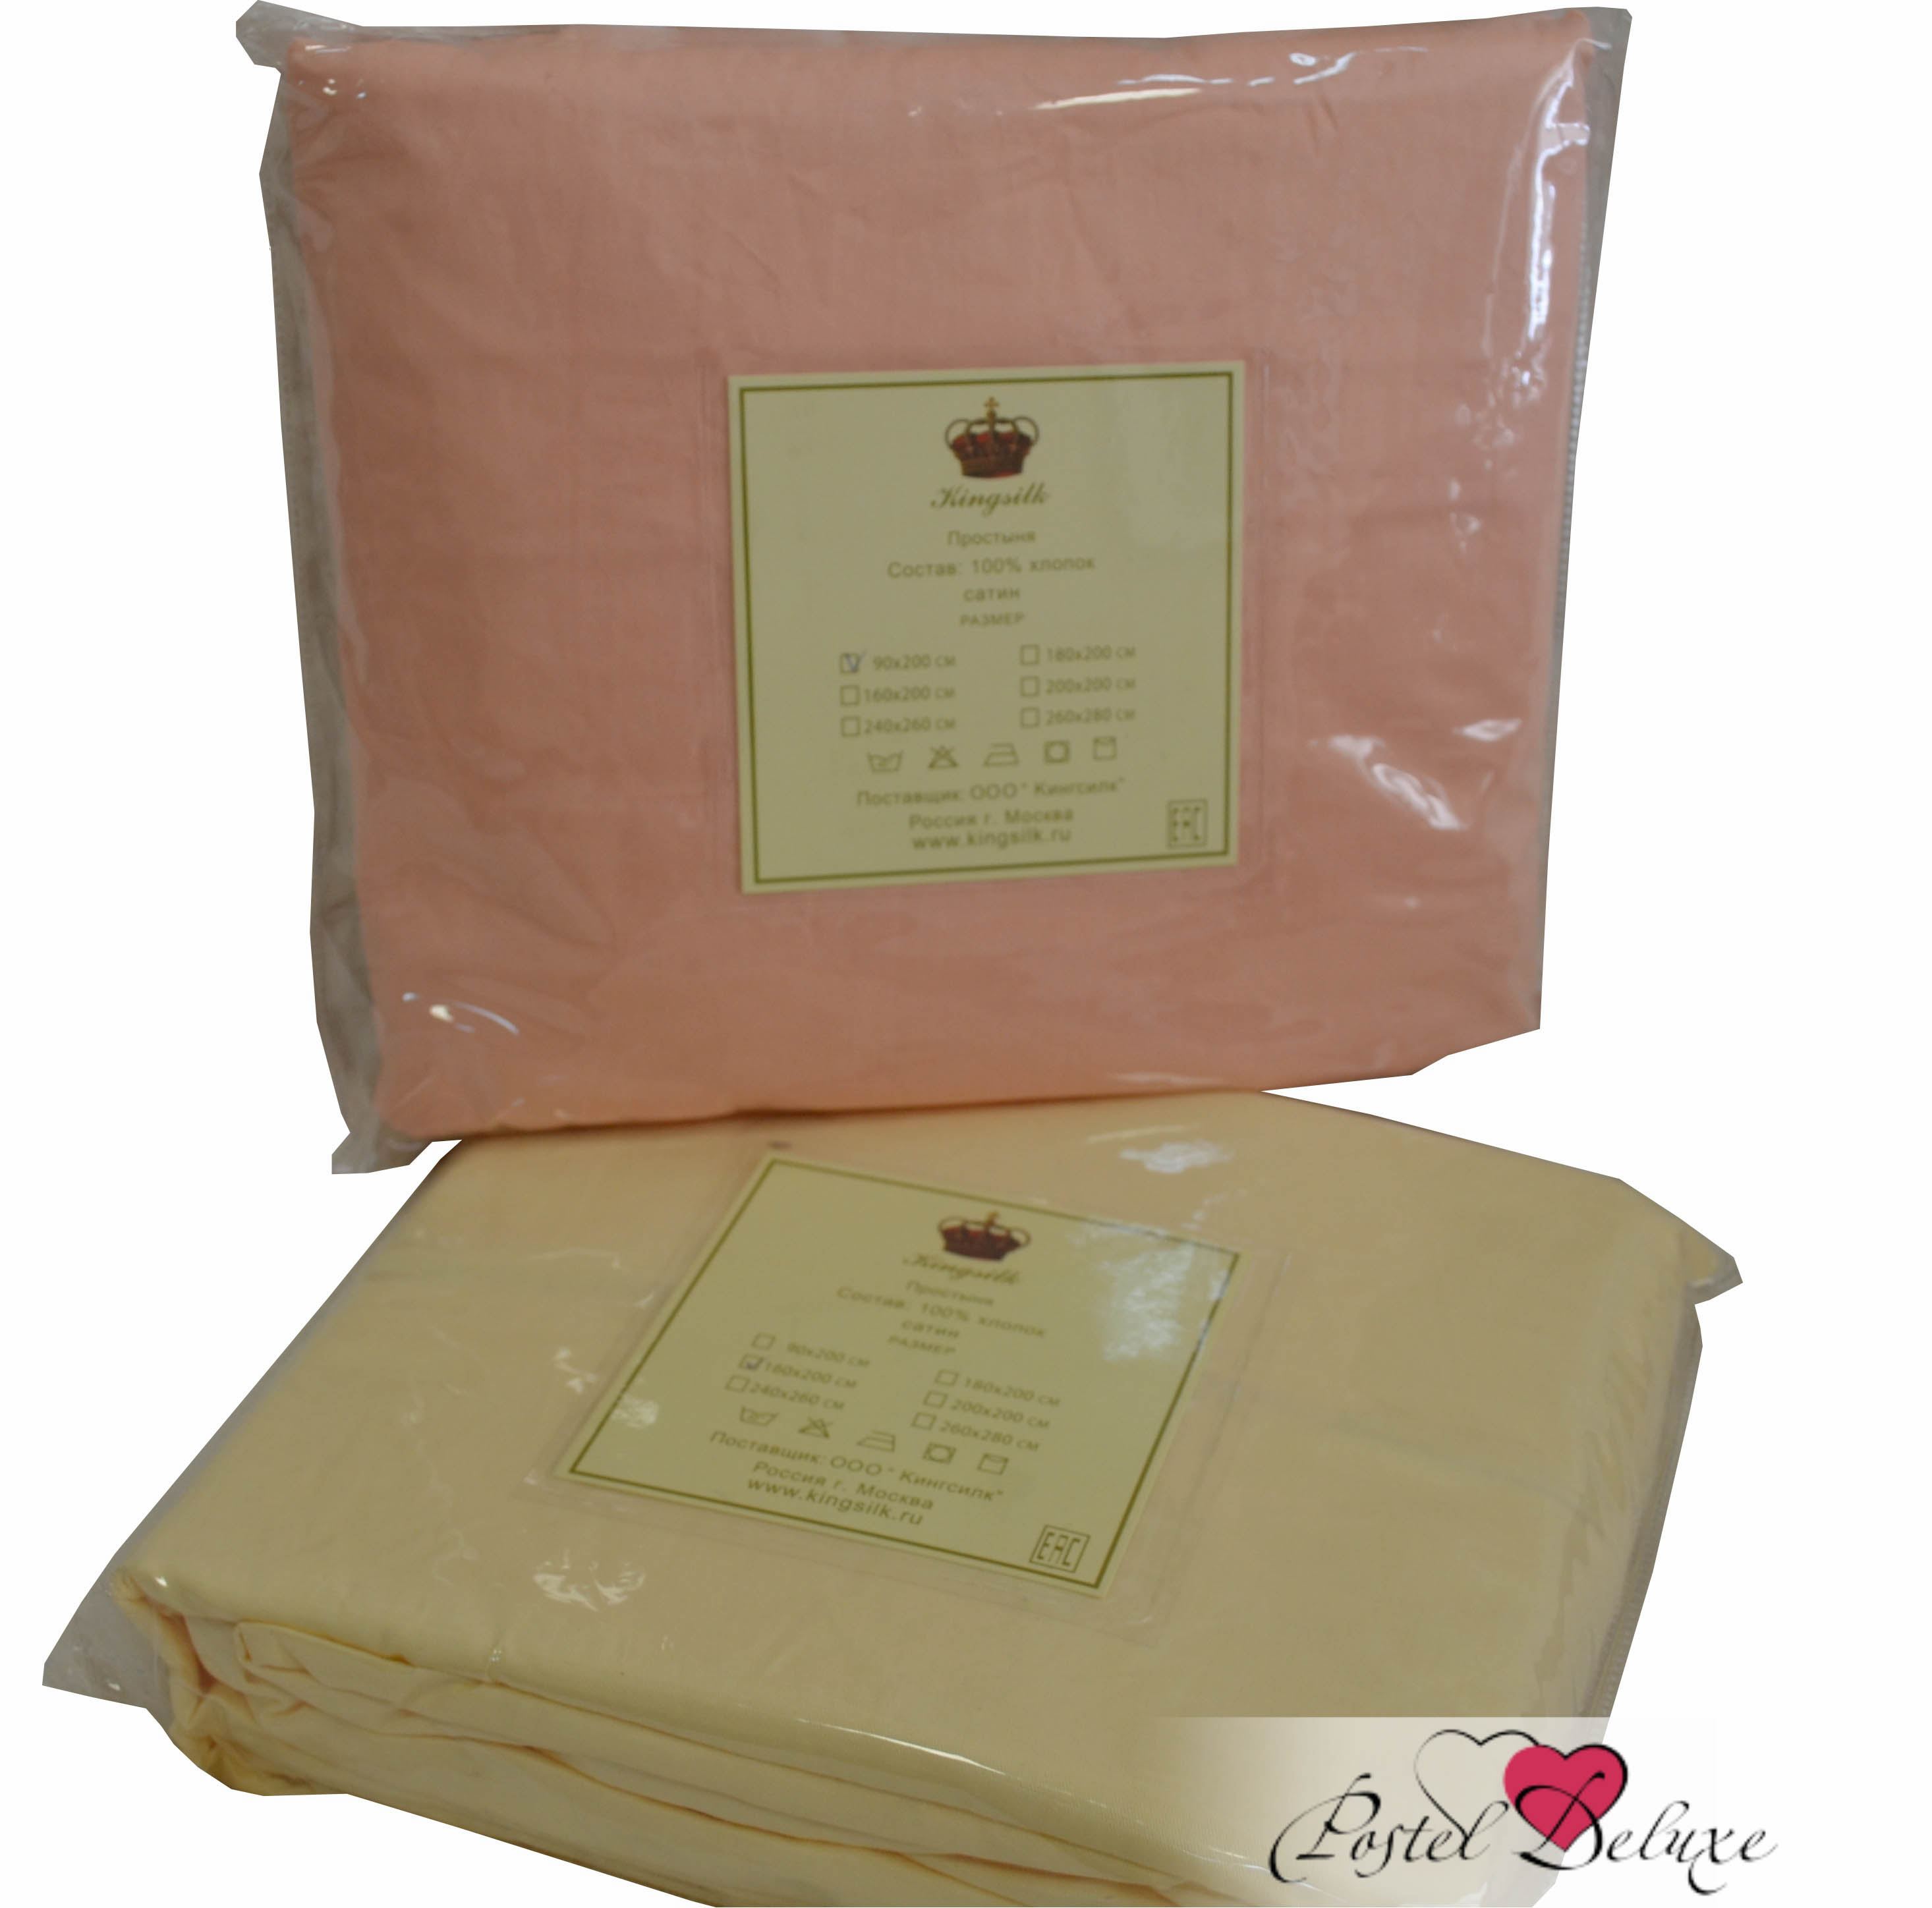 Простыни на резинке KingSilkПростыни на резинке<br>Производитель: KingSilk<br>Страна производства: Китай<br>Материал: Хлопковый сатин<br>Состав: 100% хлопок<br>Размер простыни: 90х200 см<br>Высота бортика: 30 см<br>Упаковка: Полиэтиленовый пакет<br><br>Тип: простыня<br>Размерность комплекта: None<br>Материал: Хлопковый сатин<br>Размер наволочки: None<br>Подарочная упаковка: None<br>Для детей: нет<br>Ткань: Хлопковый сатин<br>Цвет: Розовый